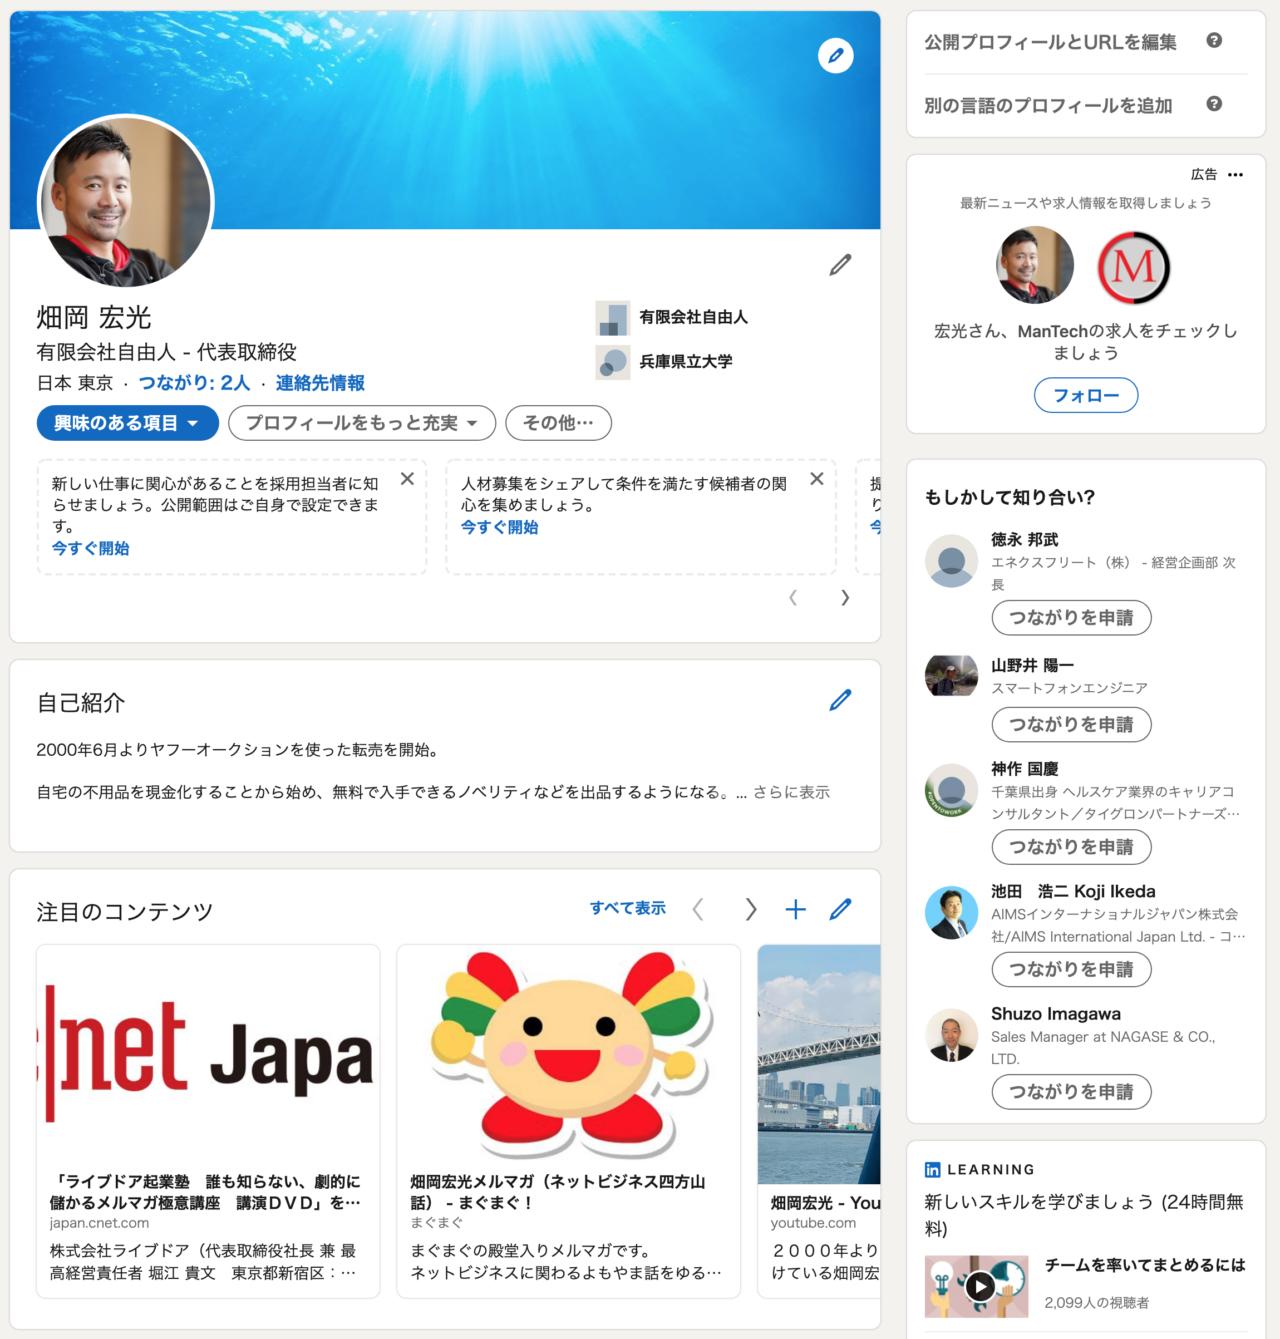 畑岡のLinkedInプロフィールページ